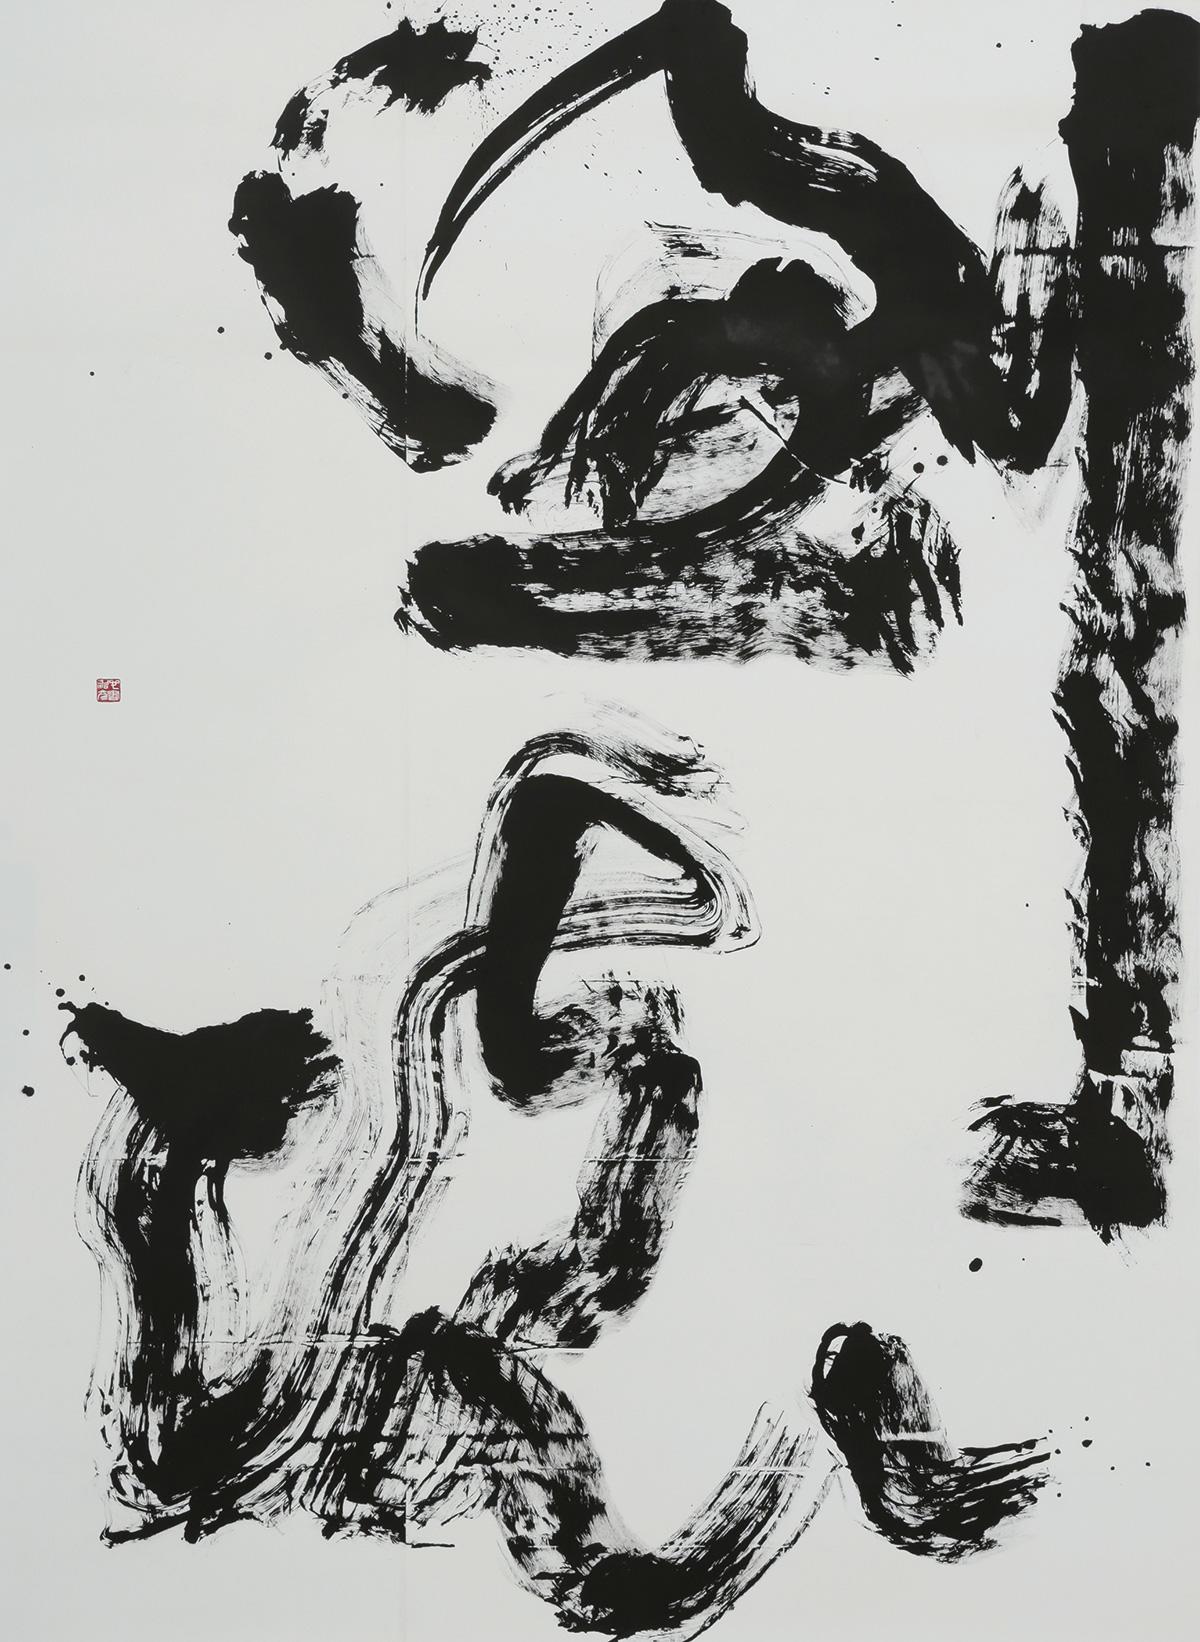 第34回産経国際書展新春展出品作「倒壊」(縦240×横180センチ)